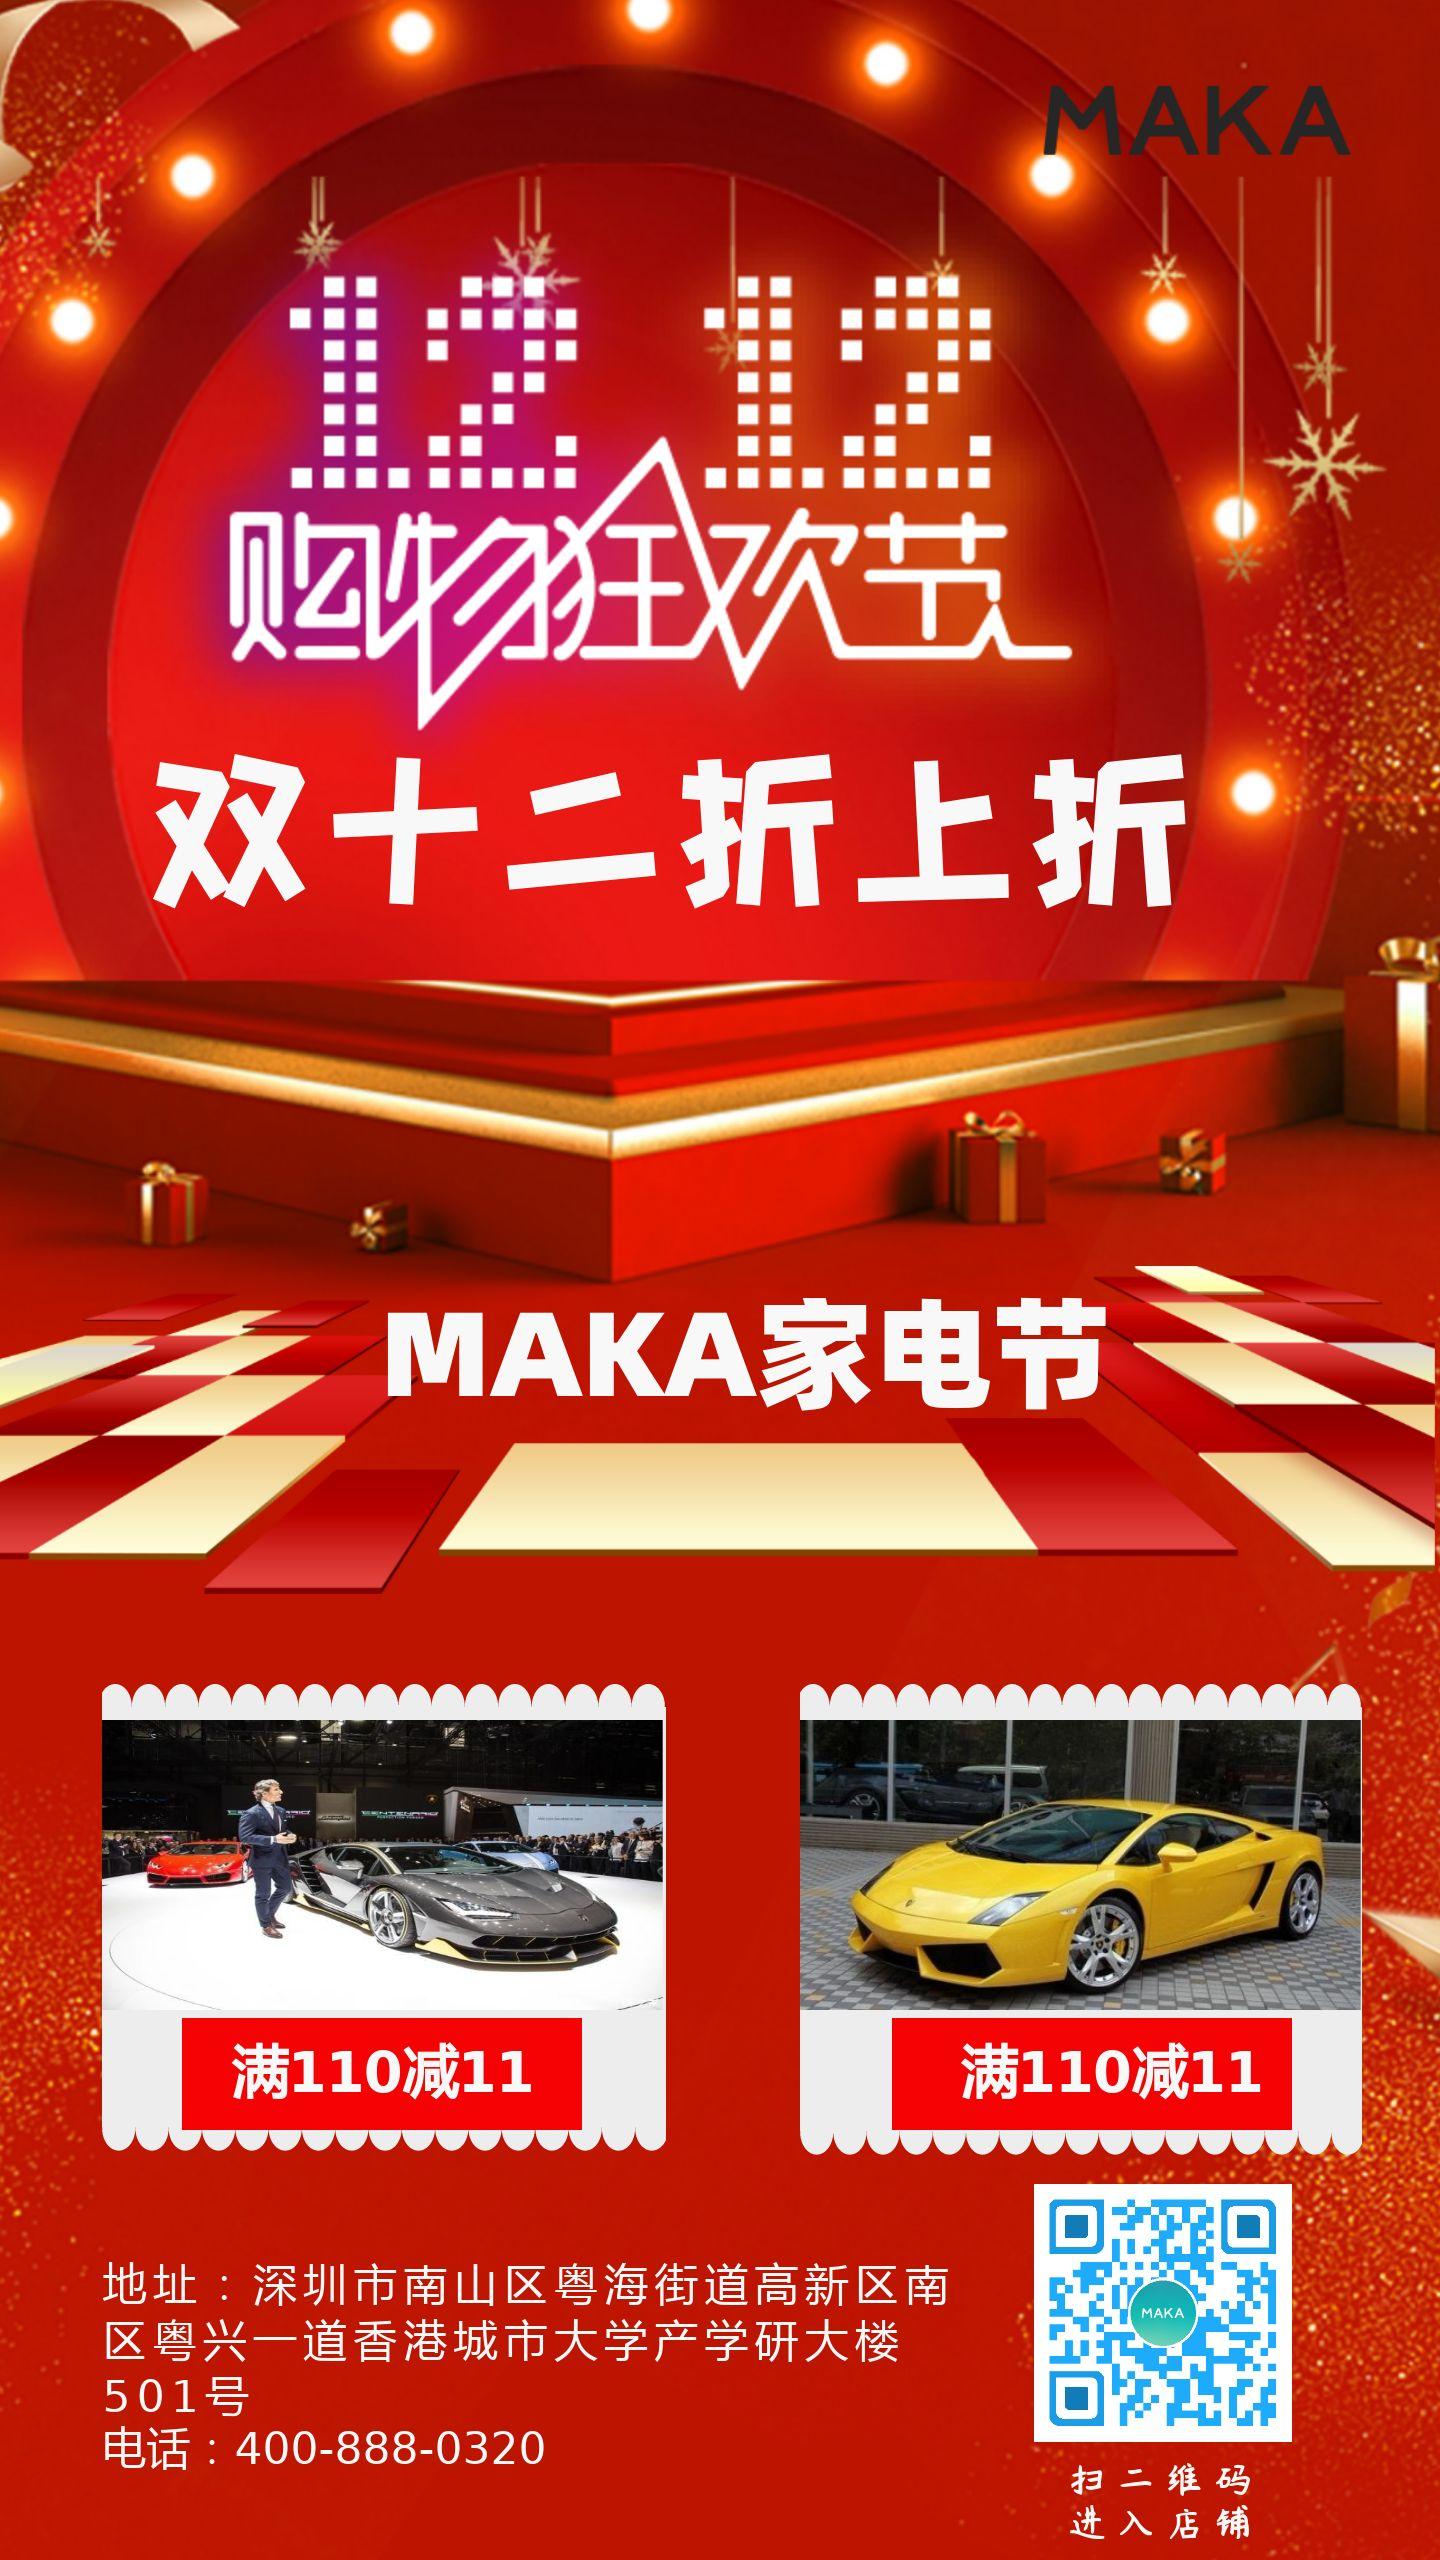 红色喜庆双12商家促销宣传打折海报